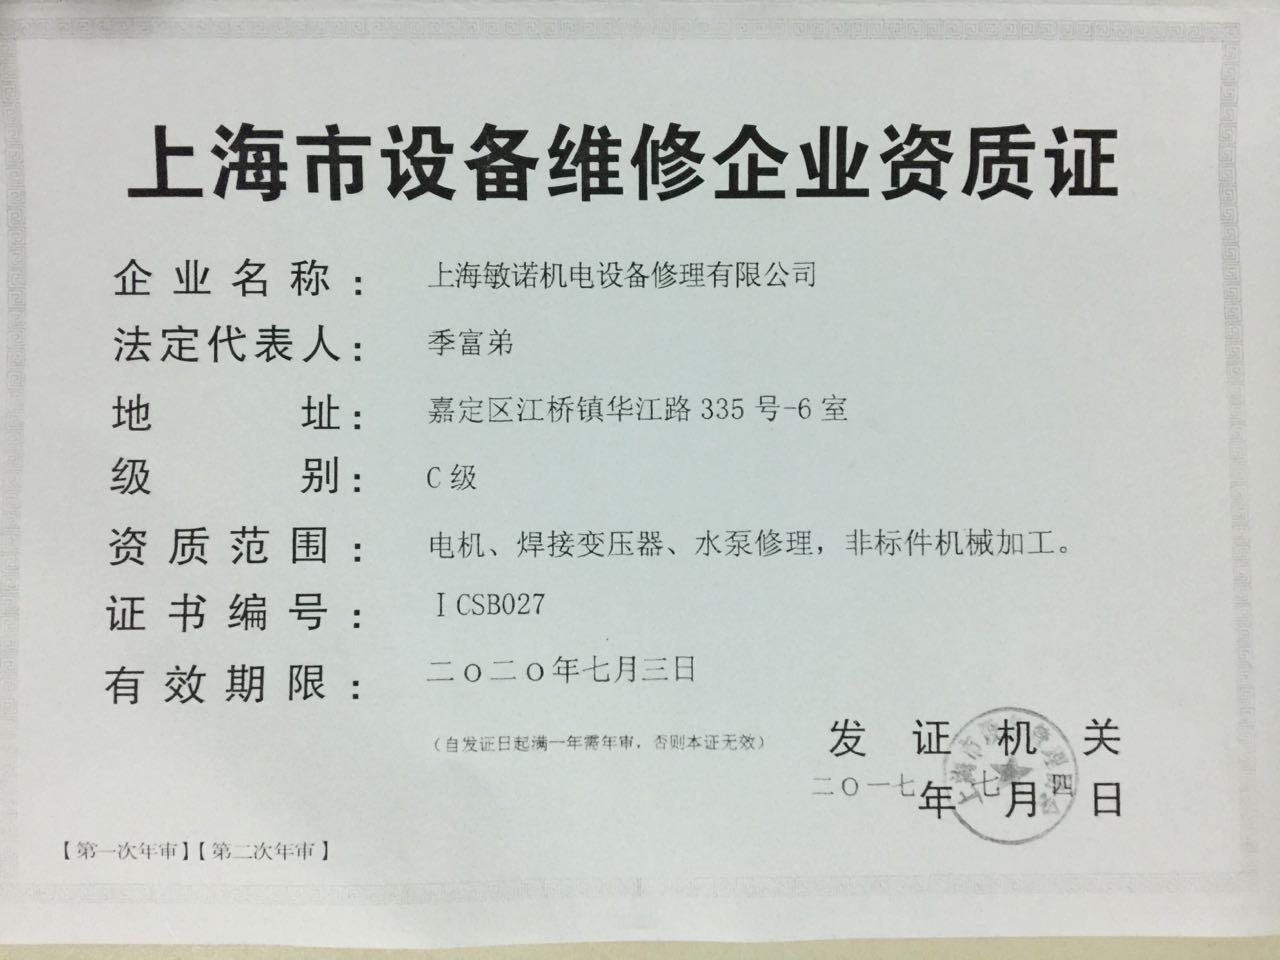 上海市设备维修企业资质证书